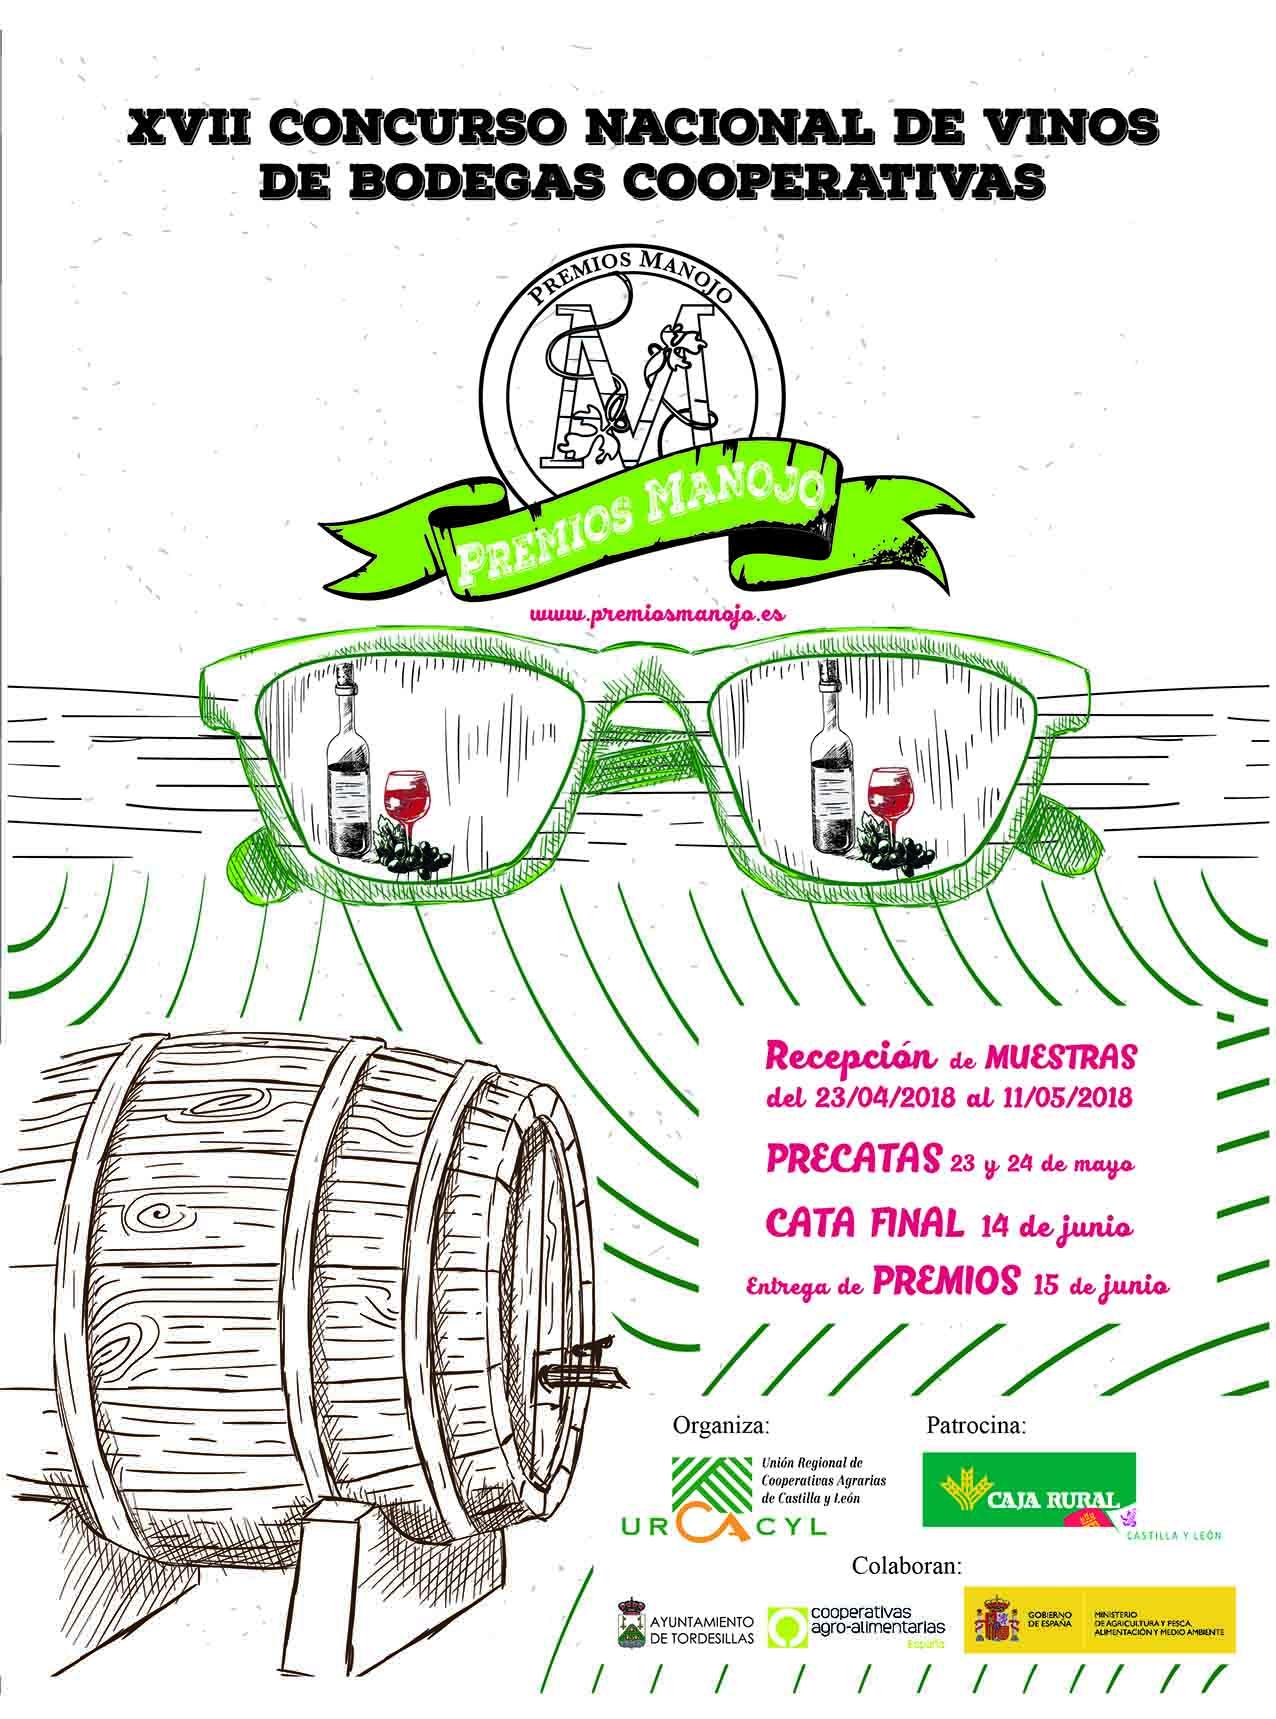 Continúa abierto el plazo de presentación de vinos a los Premios Manojo hasta el 11 de mayo